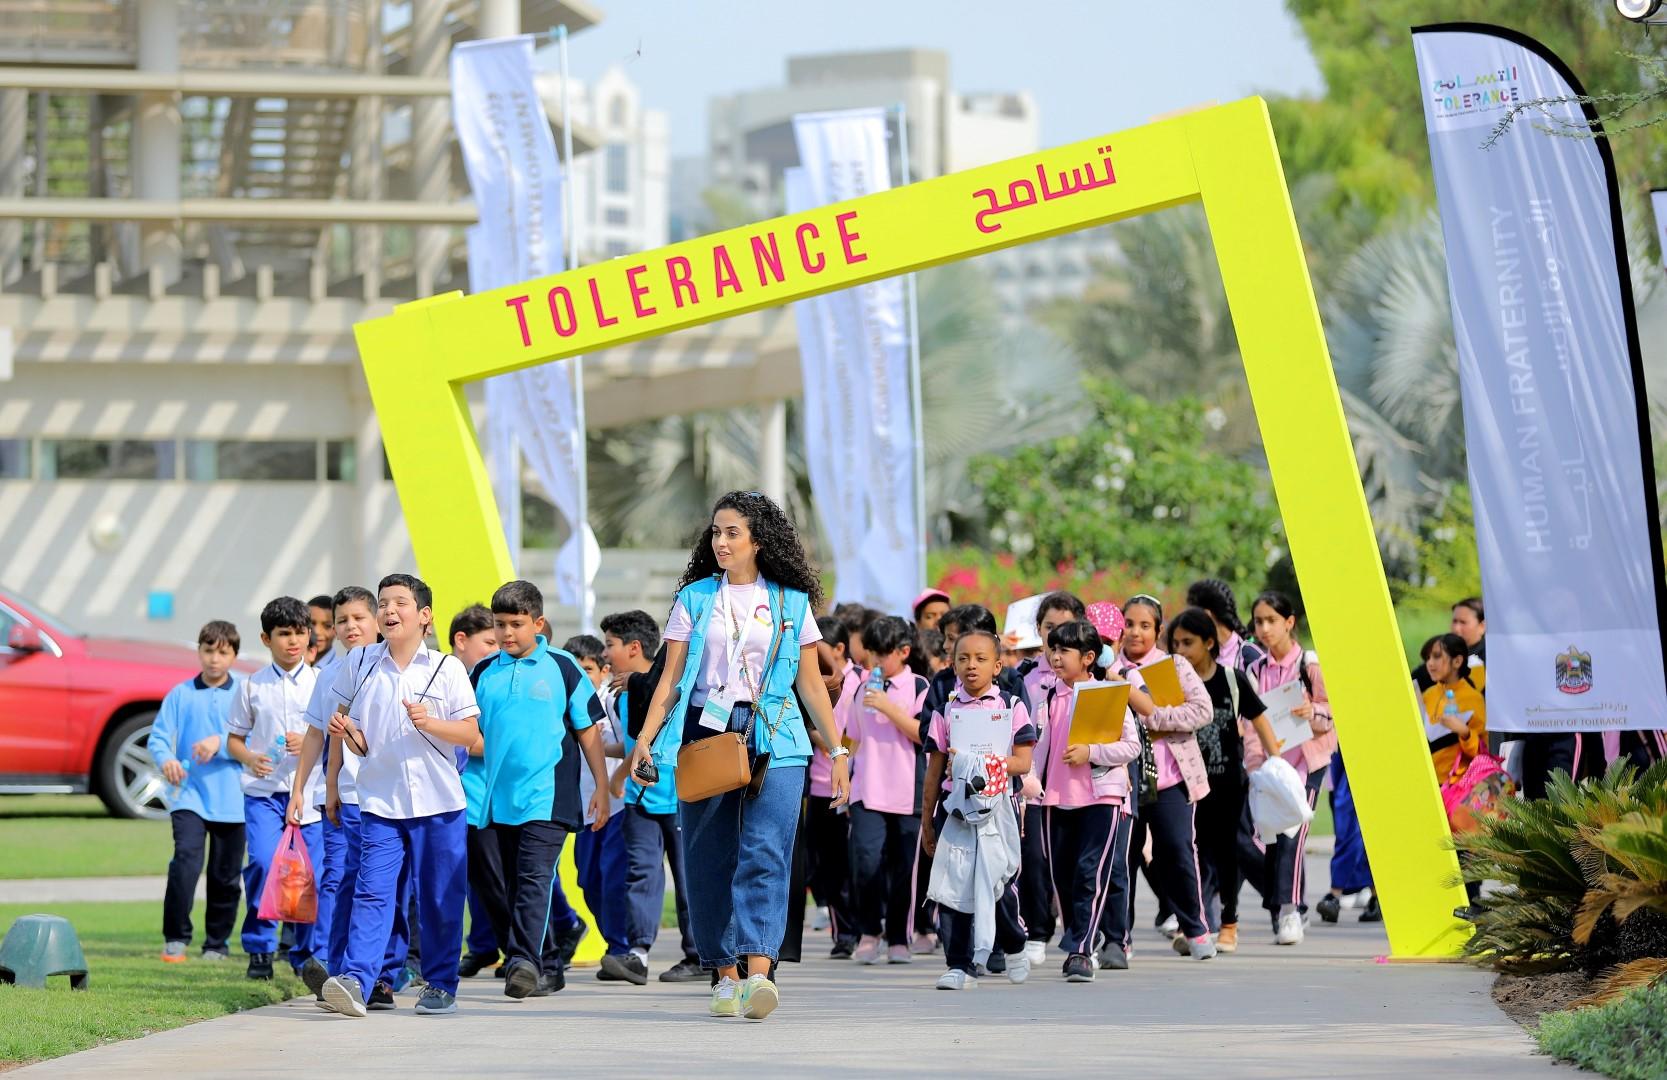 حضور لافت للأسر لأنشطة مهرجان التسامح في أبوظبي